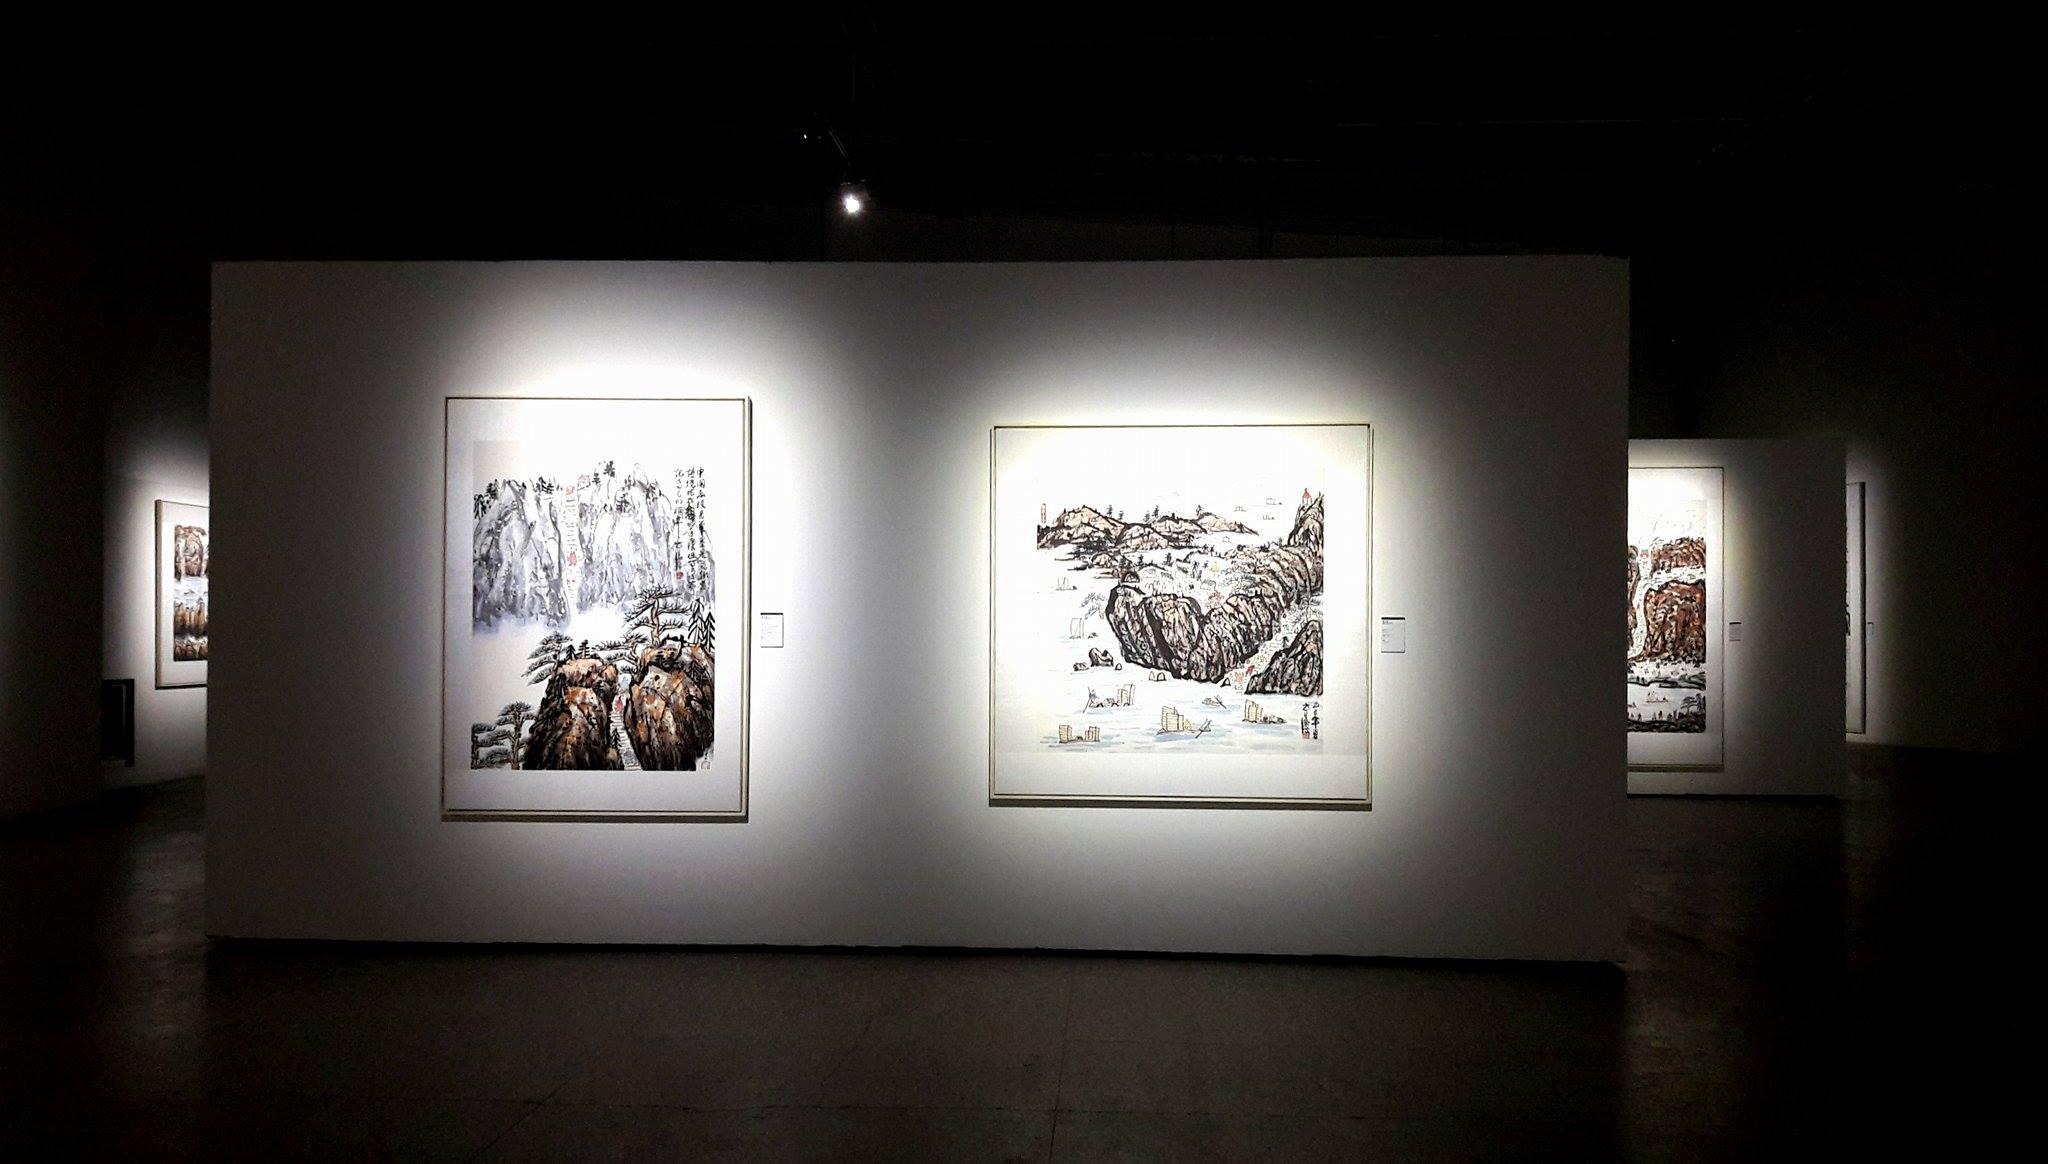 Allestimento della mostra di Fang Zhaolin a Milano